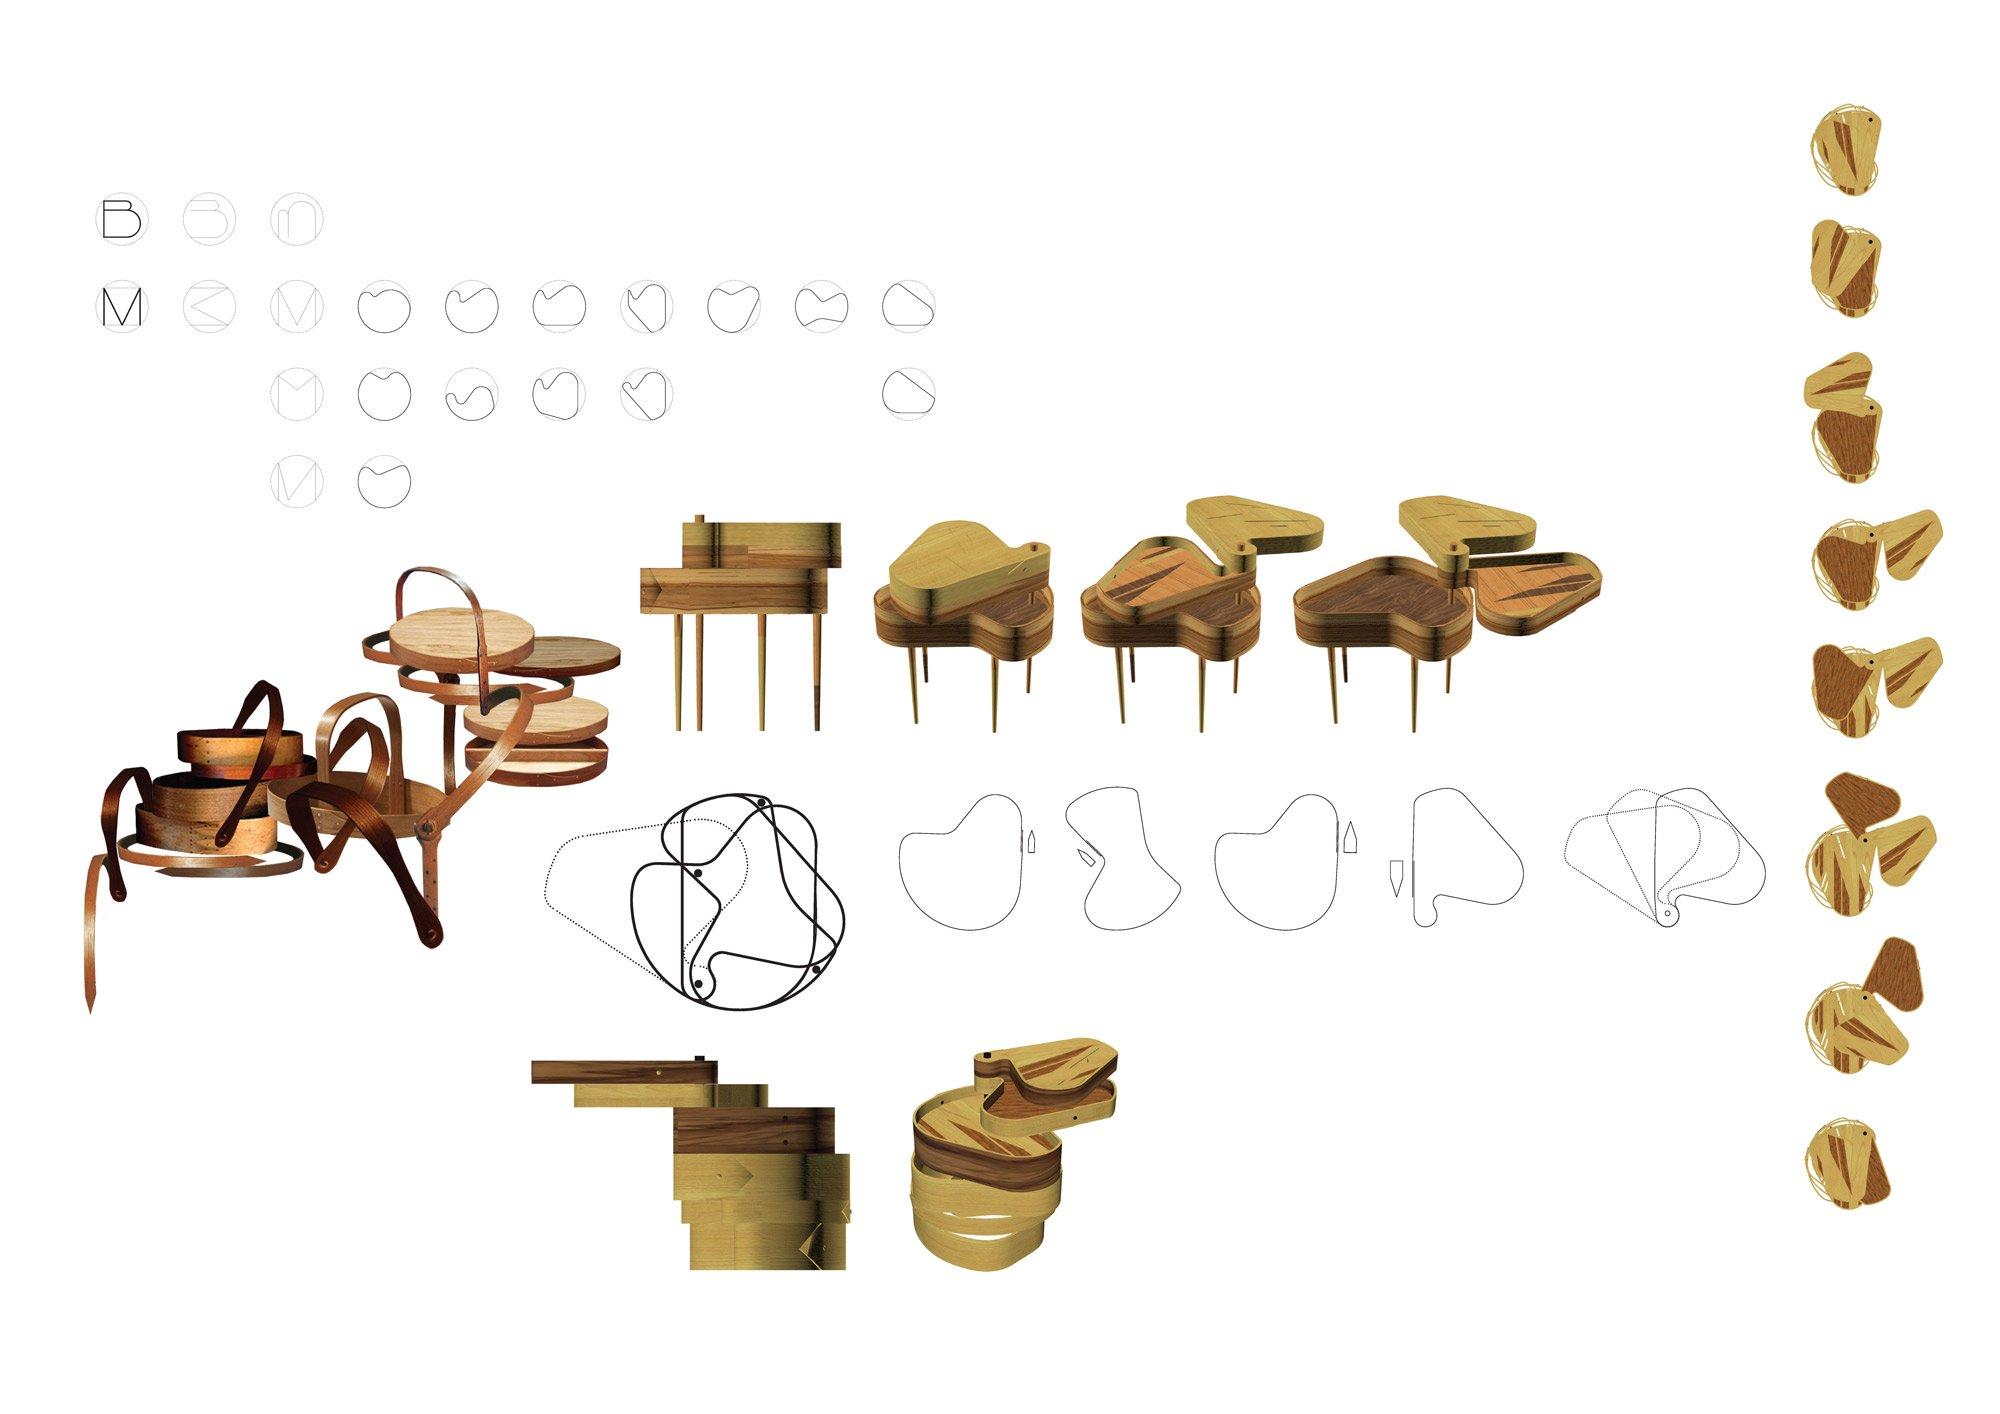 Initial design ideas for 'Ribbon' tables © Benedetta Tagliabue (Miralles Tagliabue EMBT)